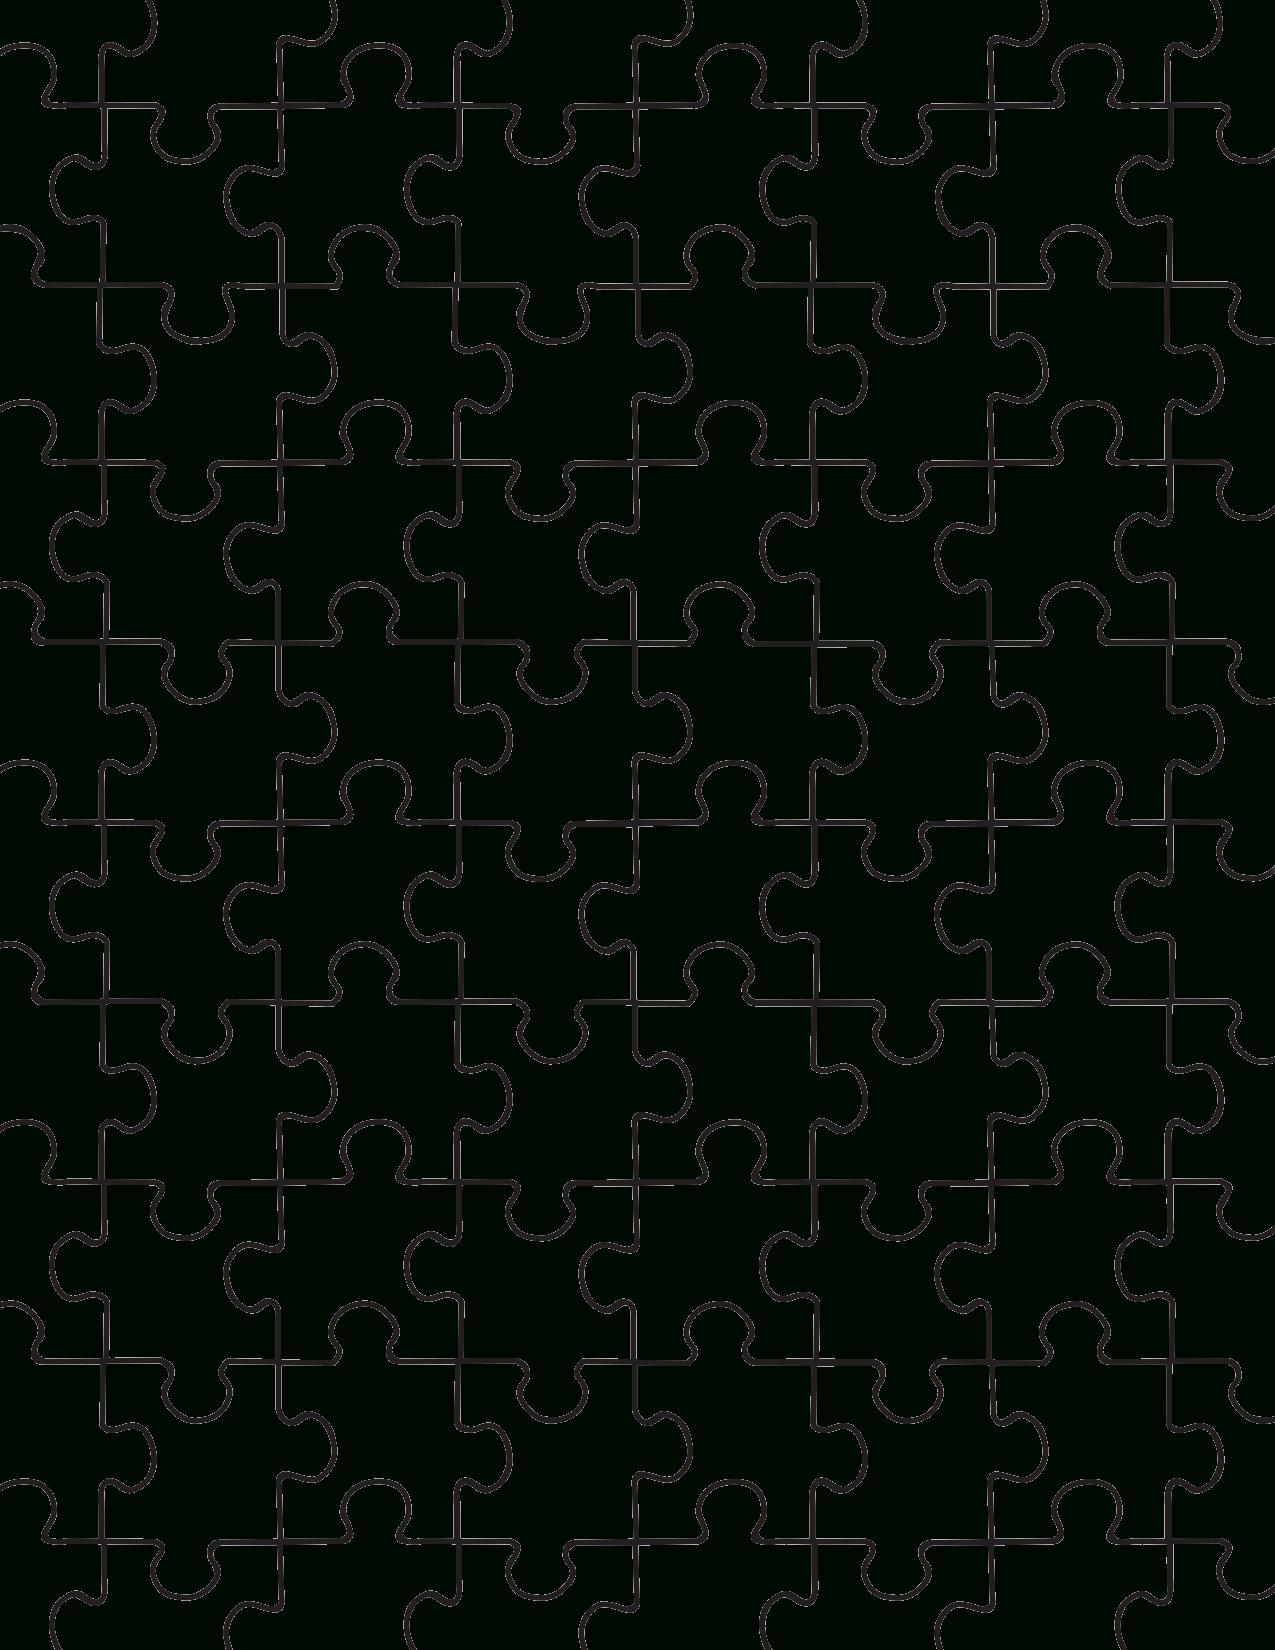 Printable Puzzle Pieces Template | Decor | Puzzle Piece Template - Printable 3 Puzzle Pieces